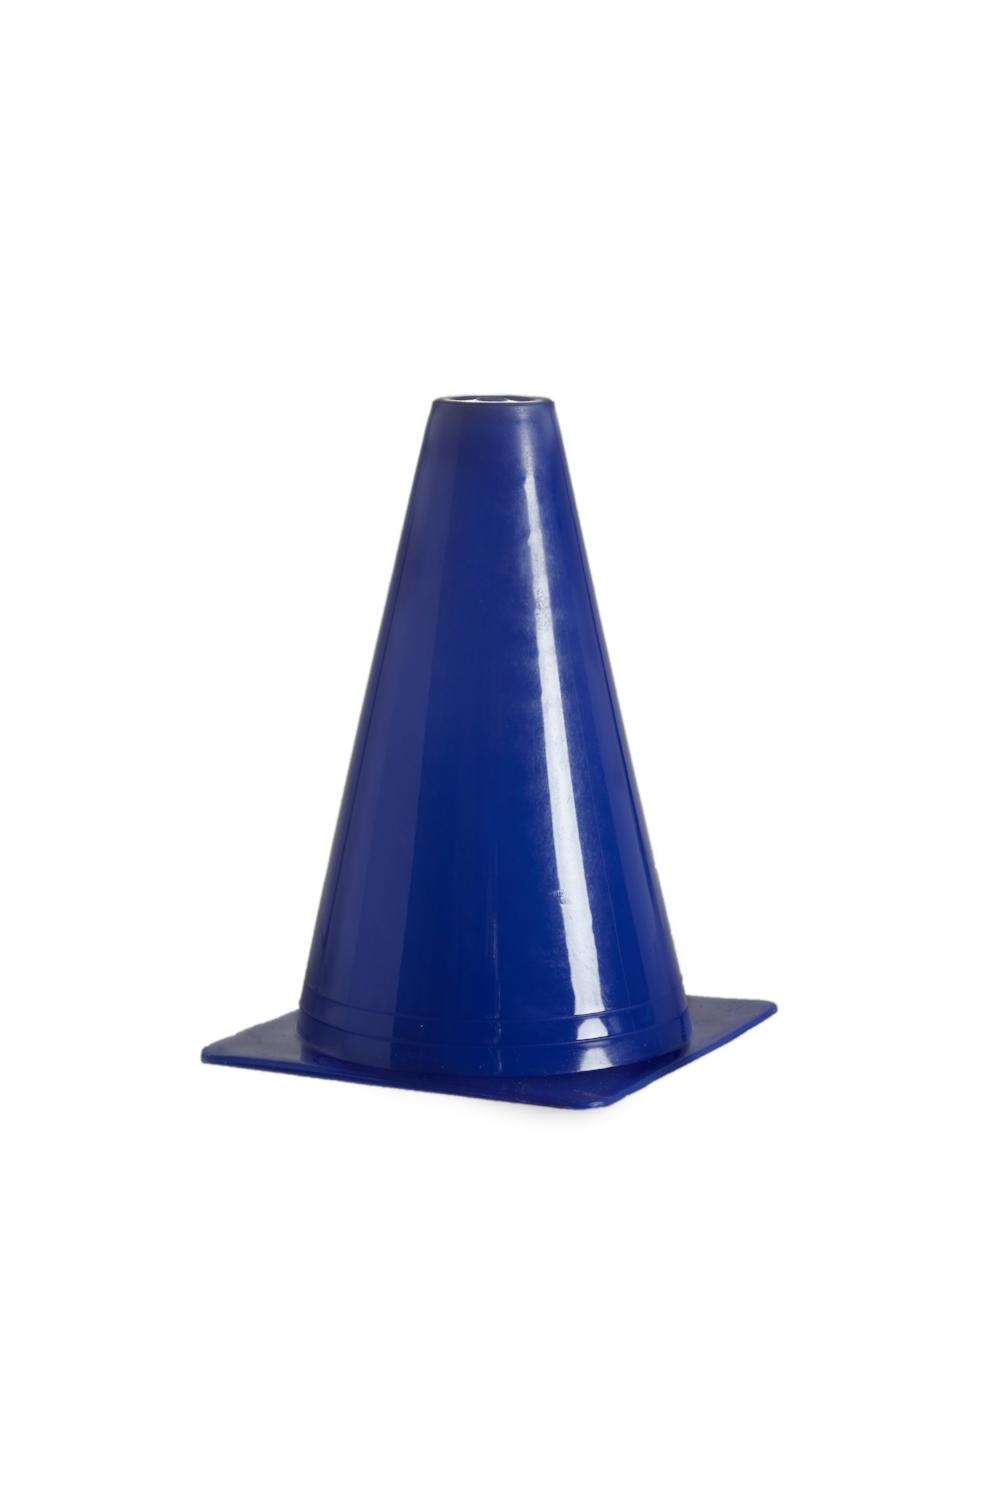 Tall Soccer Cone Blue.jpg